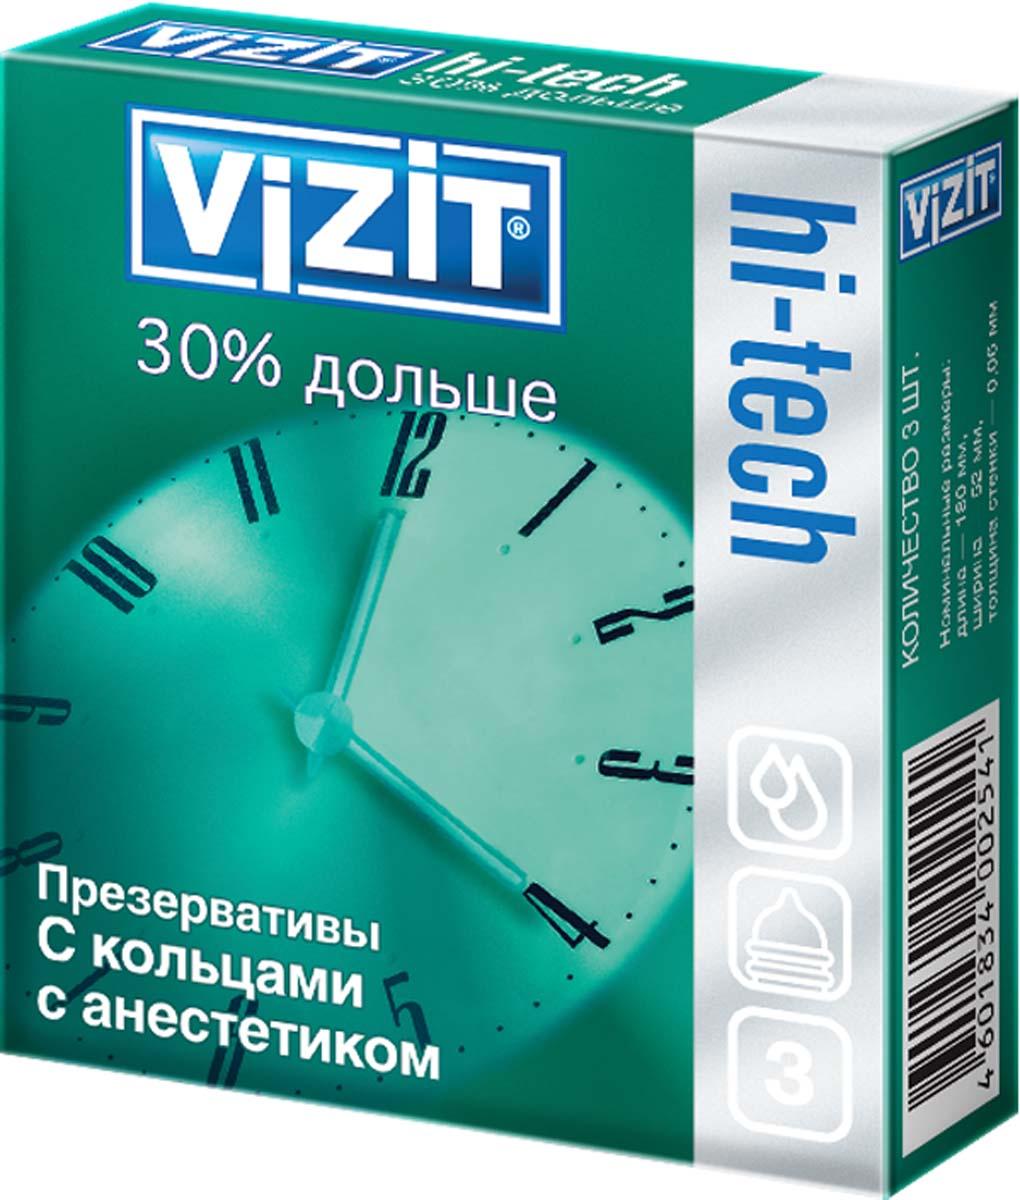 VIZIT Презервативы HI-TECH 30% дольше, с кольцами и анестетиком, 3 шт x play red passion комплект для bdsm